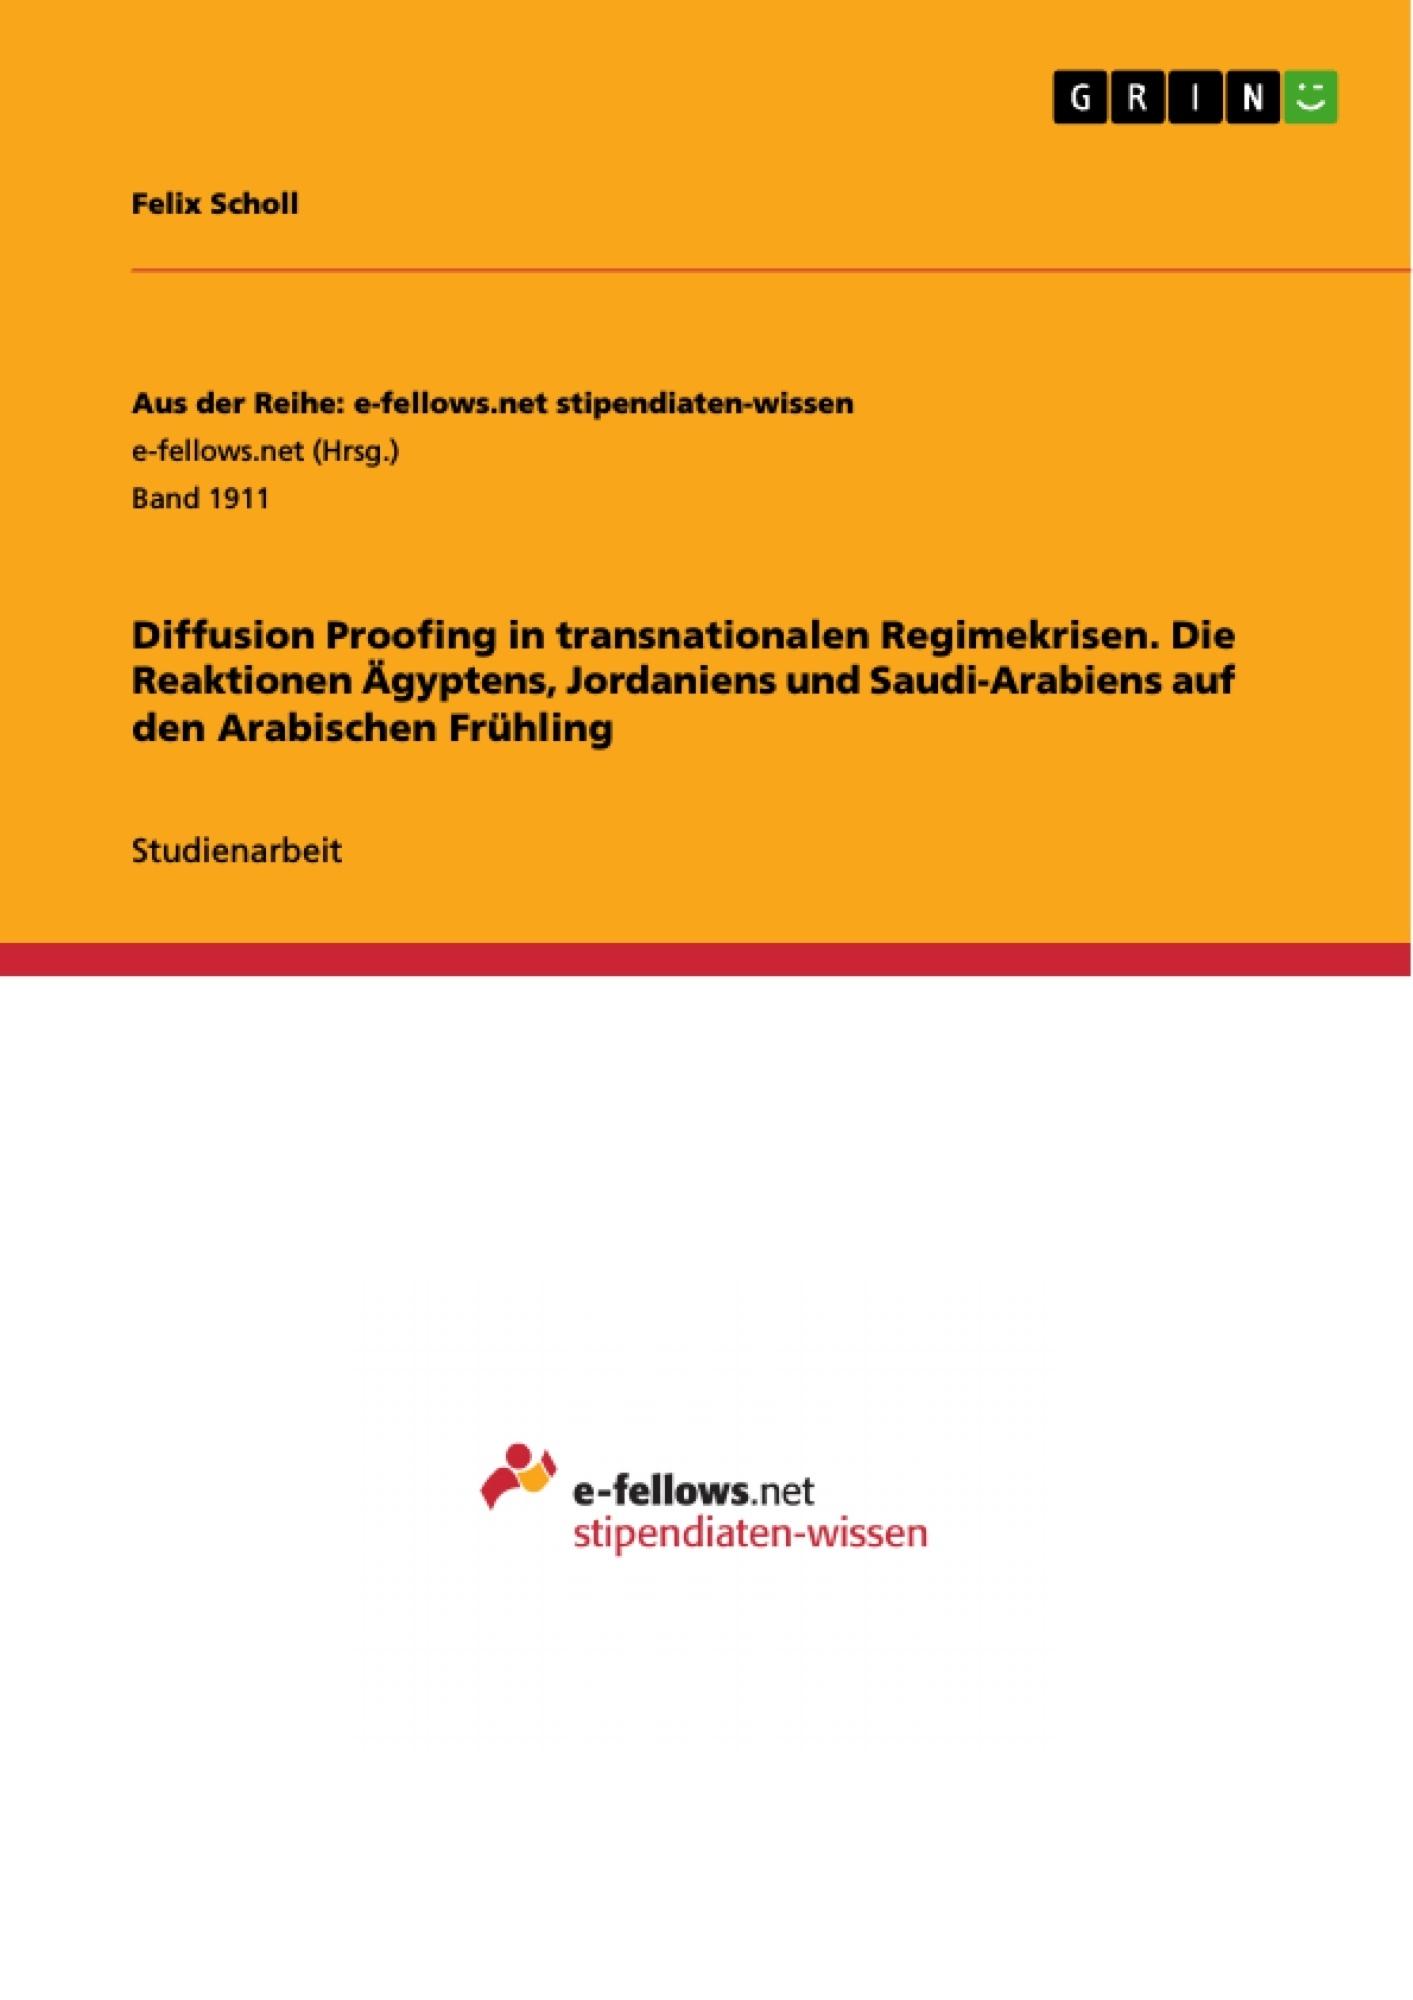 Titel: Diffusion Proofing in transnationalen Regimekrisen. Die Reaktionen Ägyptens, Jordaniens und Saudi-Arabiens auf den Arabischen Frühling